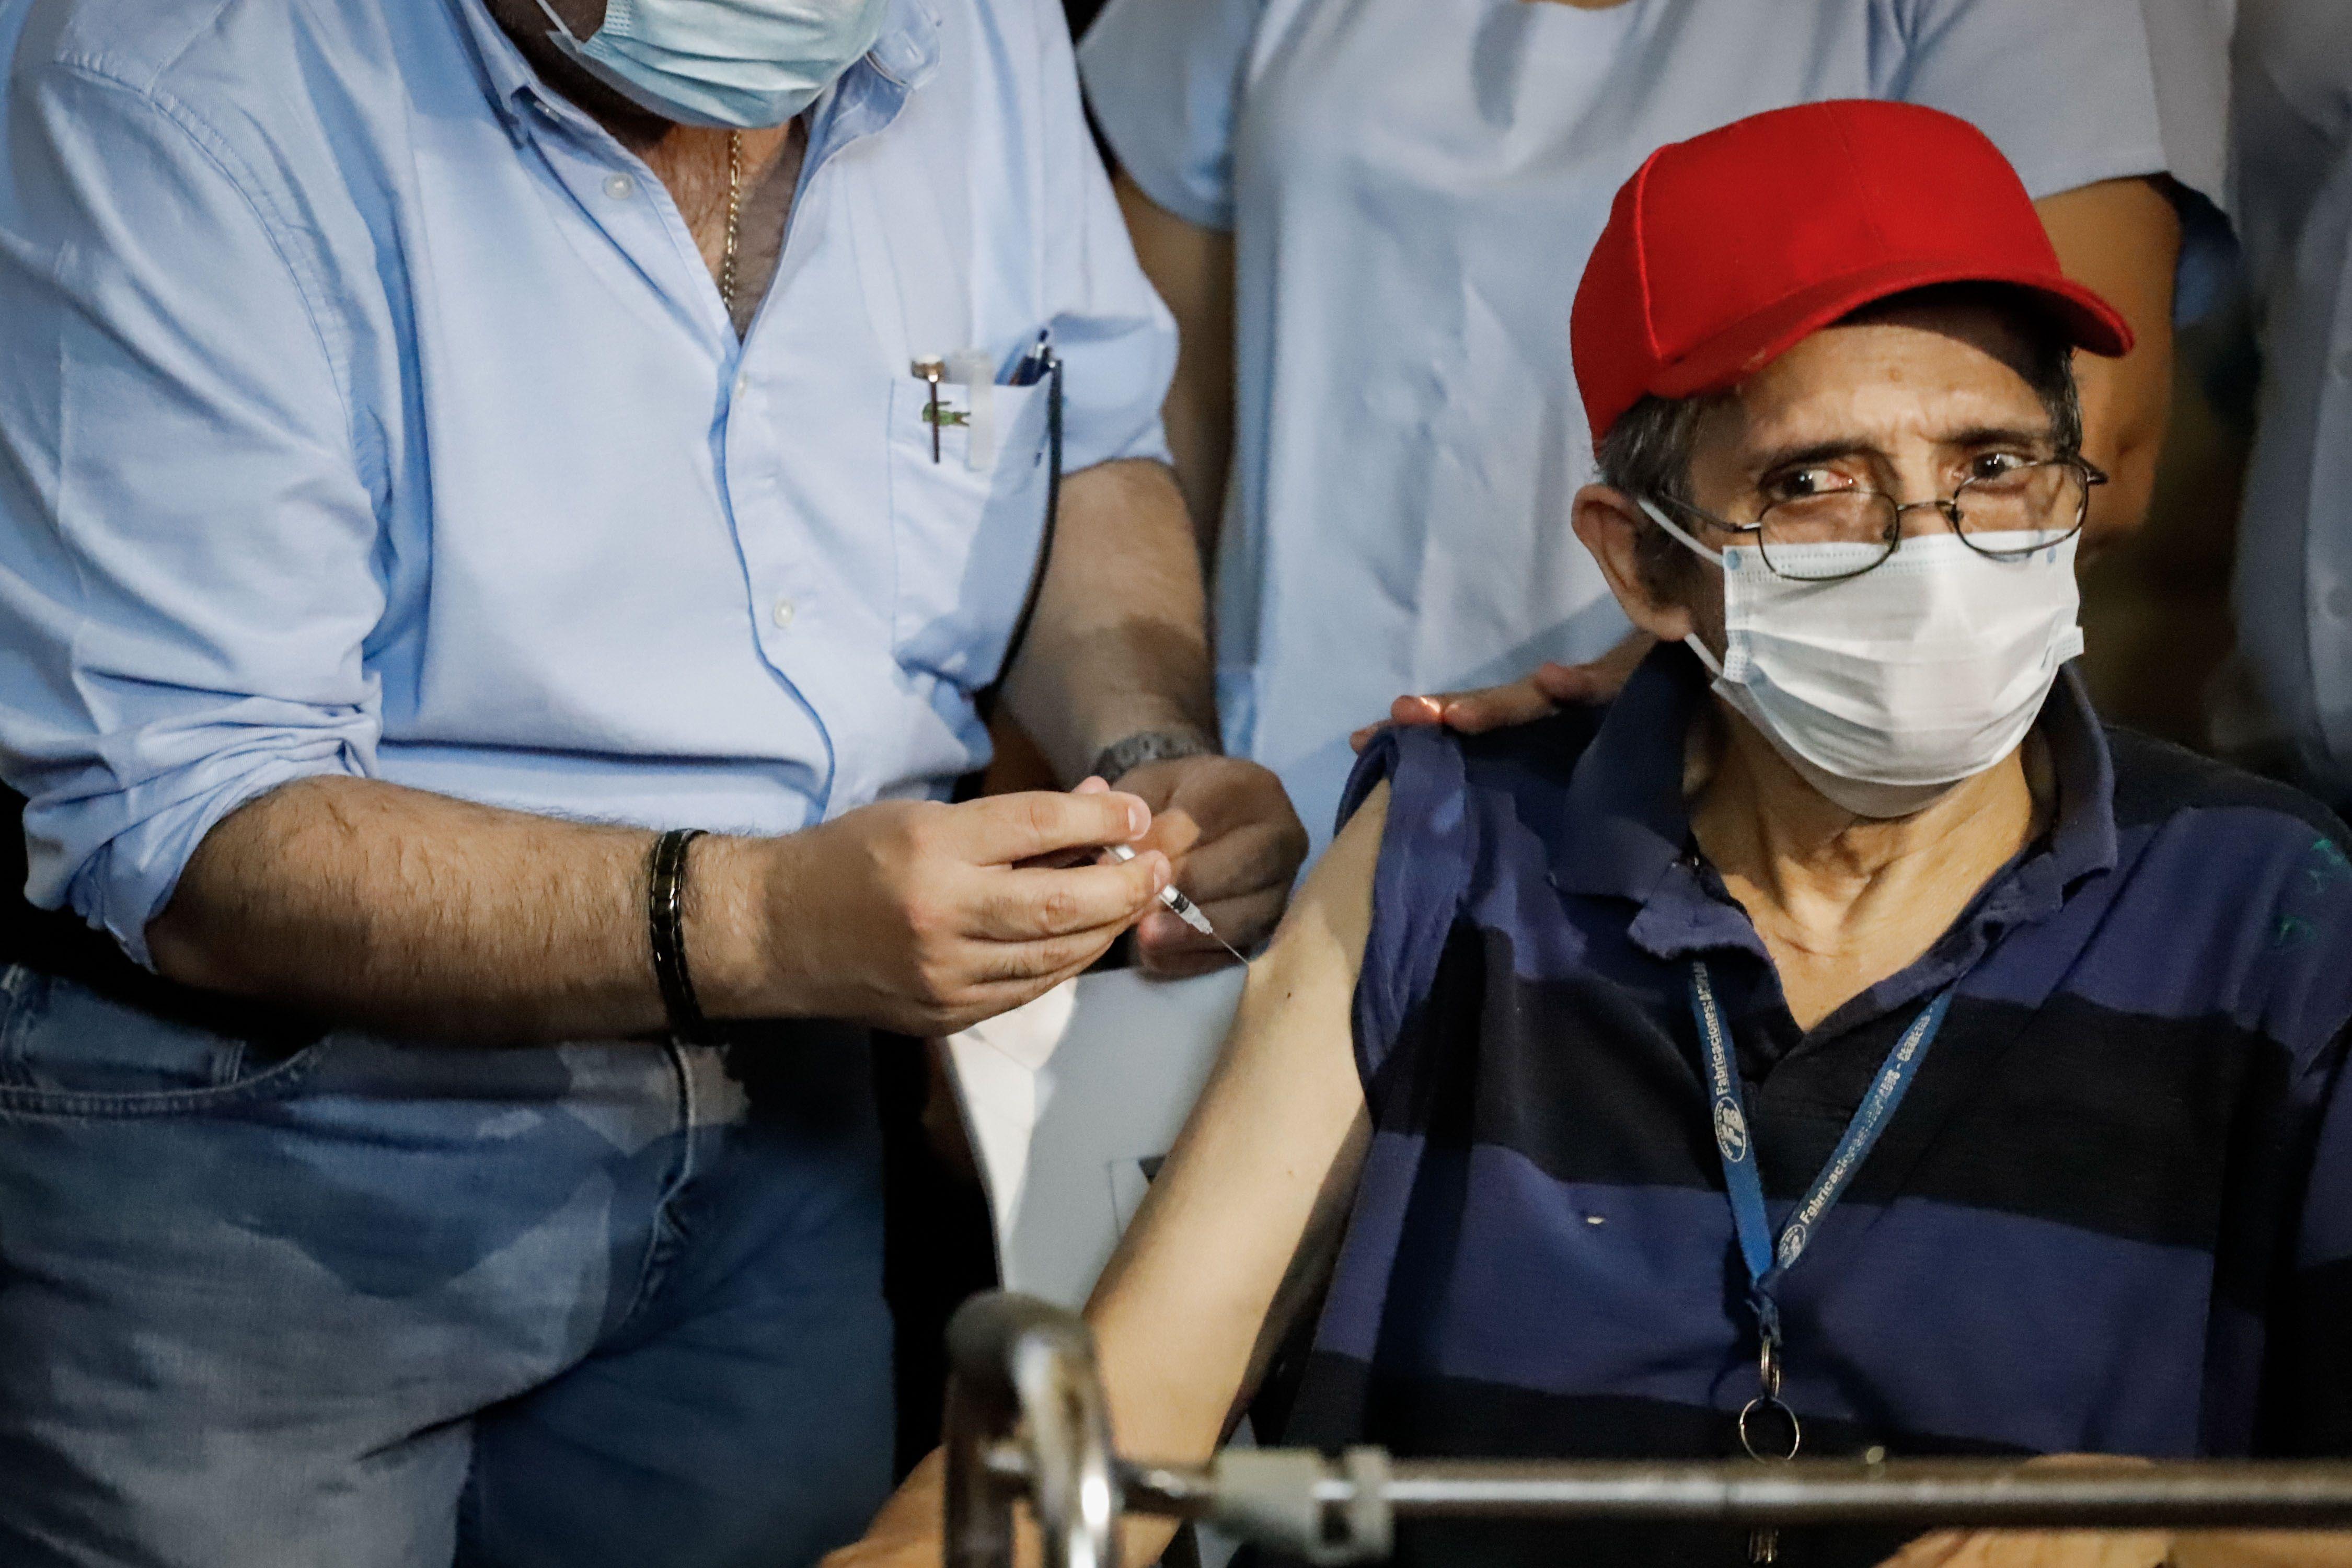 La ministra de Salud habló del plan de vacunación (EFE/Nathalia Aguilar)